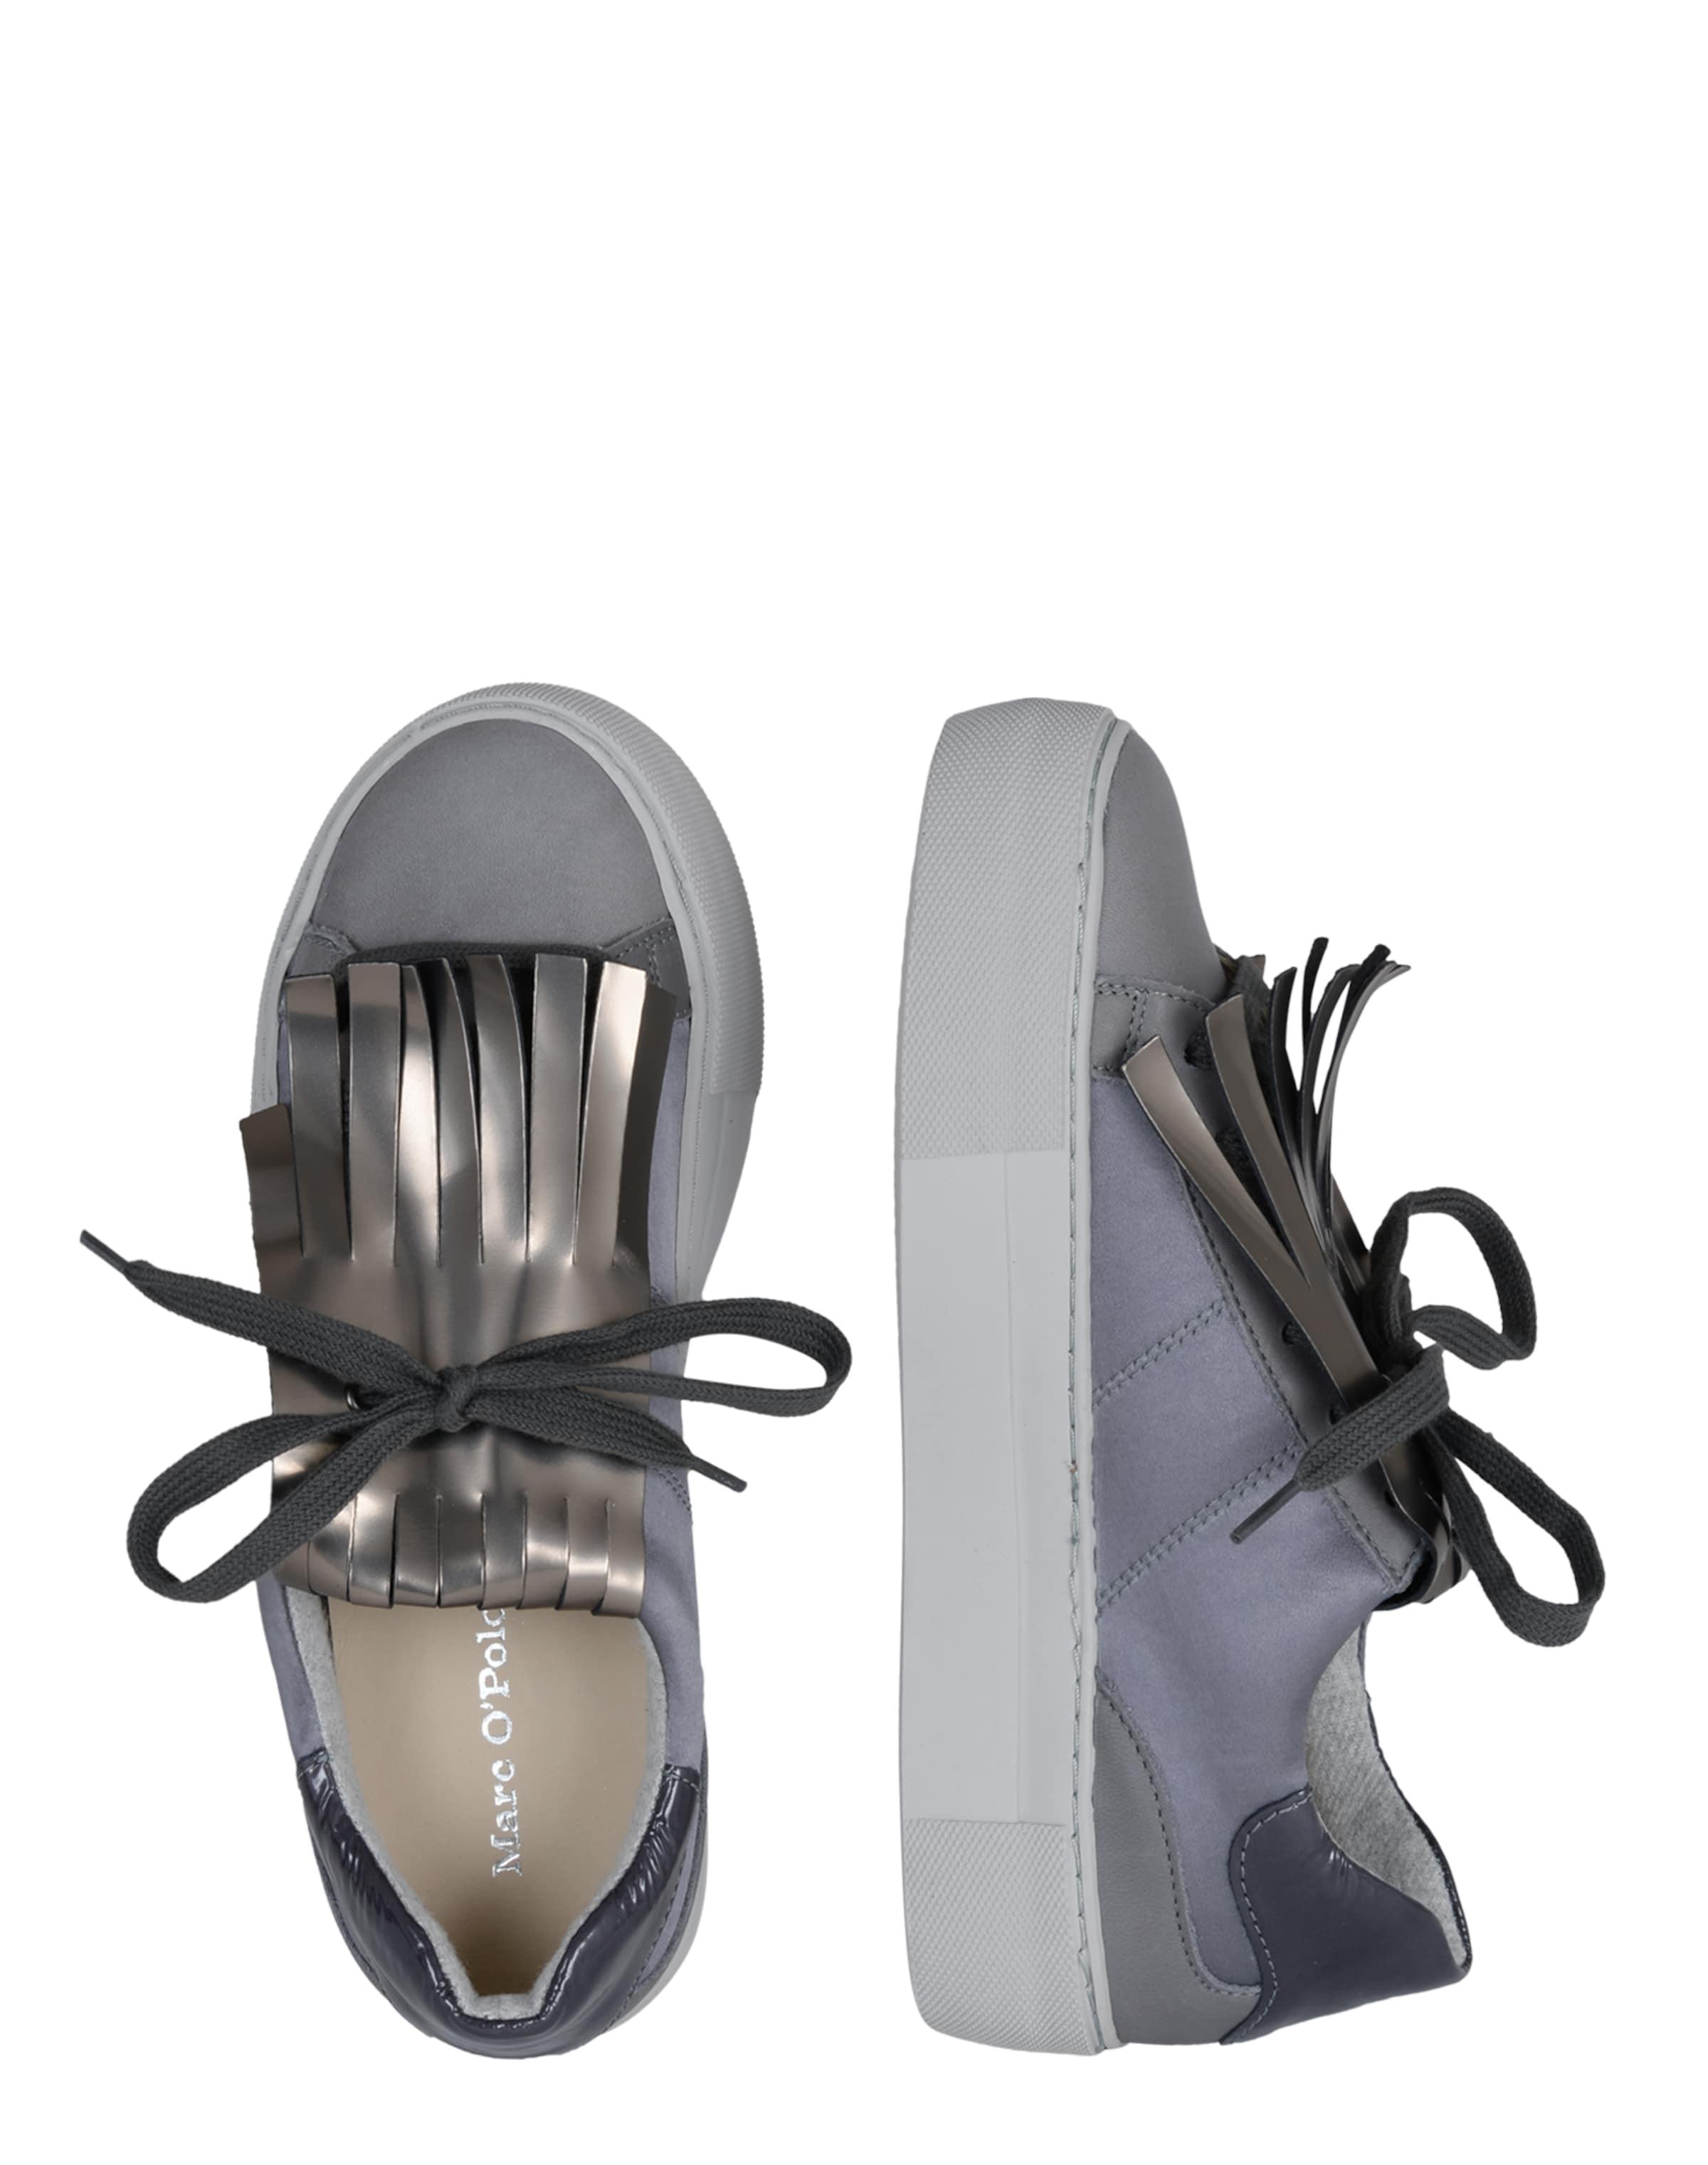 Niedriger Preis Günstig Online Marc O'Polo Sneaker mit Fransen Billig Verkaufen Die Billigsten Eastbay Online Billigsten TI1H87cy1